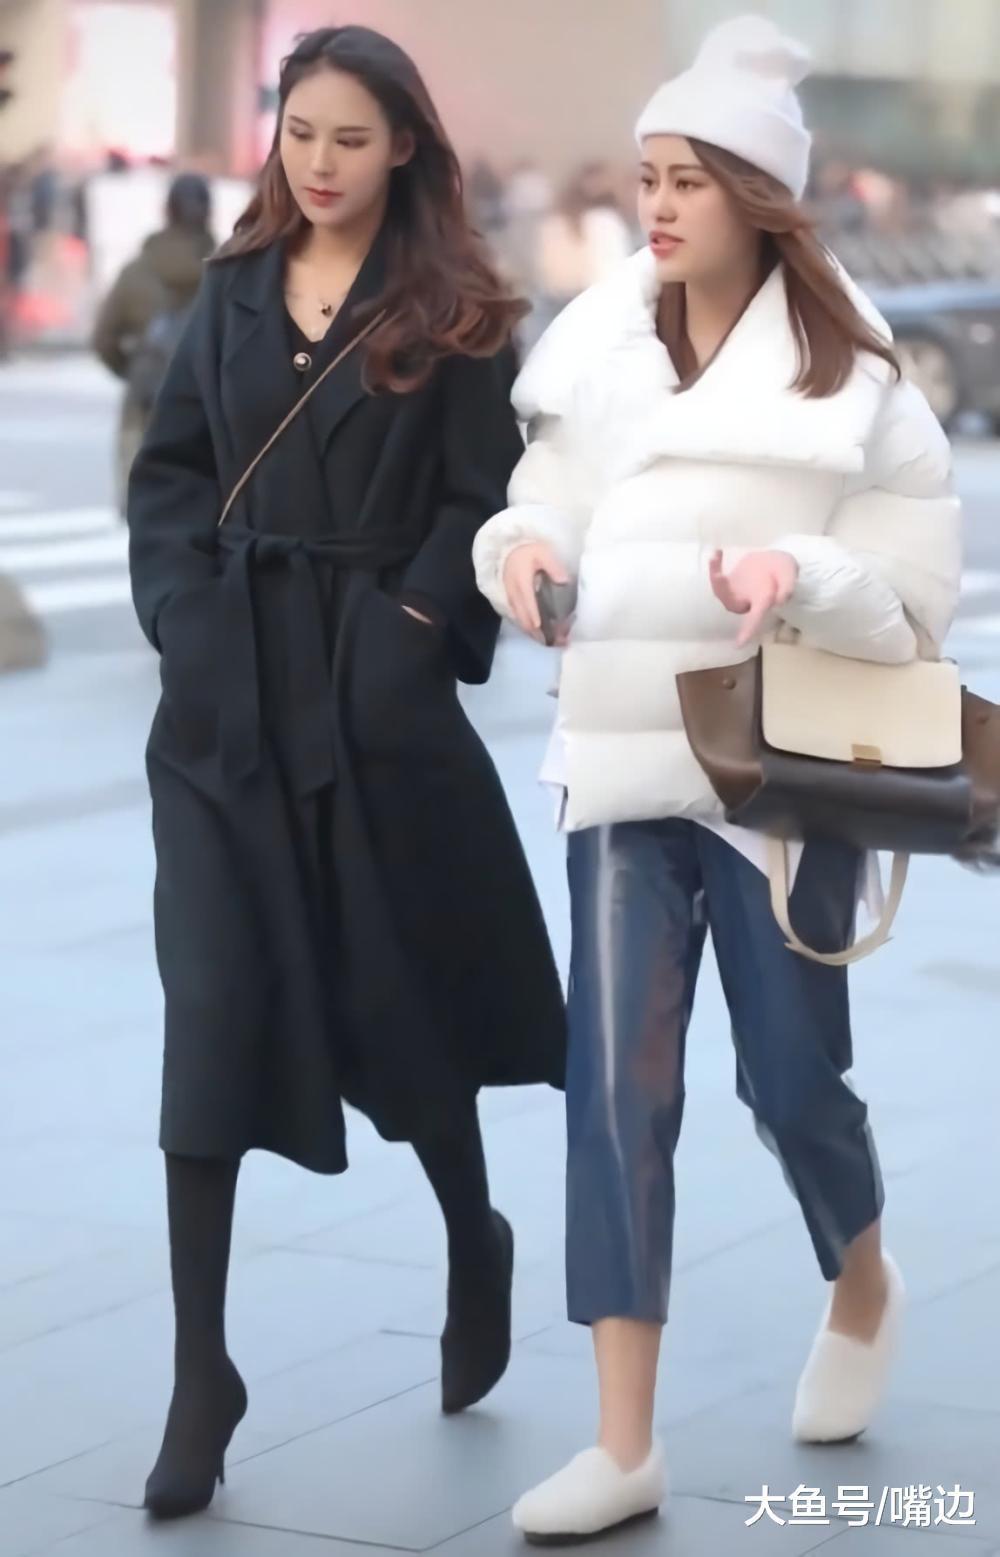 冬季棉服怎么搭最时髦?像小姐姐一样裤子穿亮亮的最抢镜,喜欢!